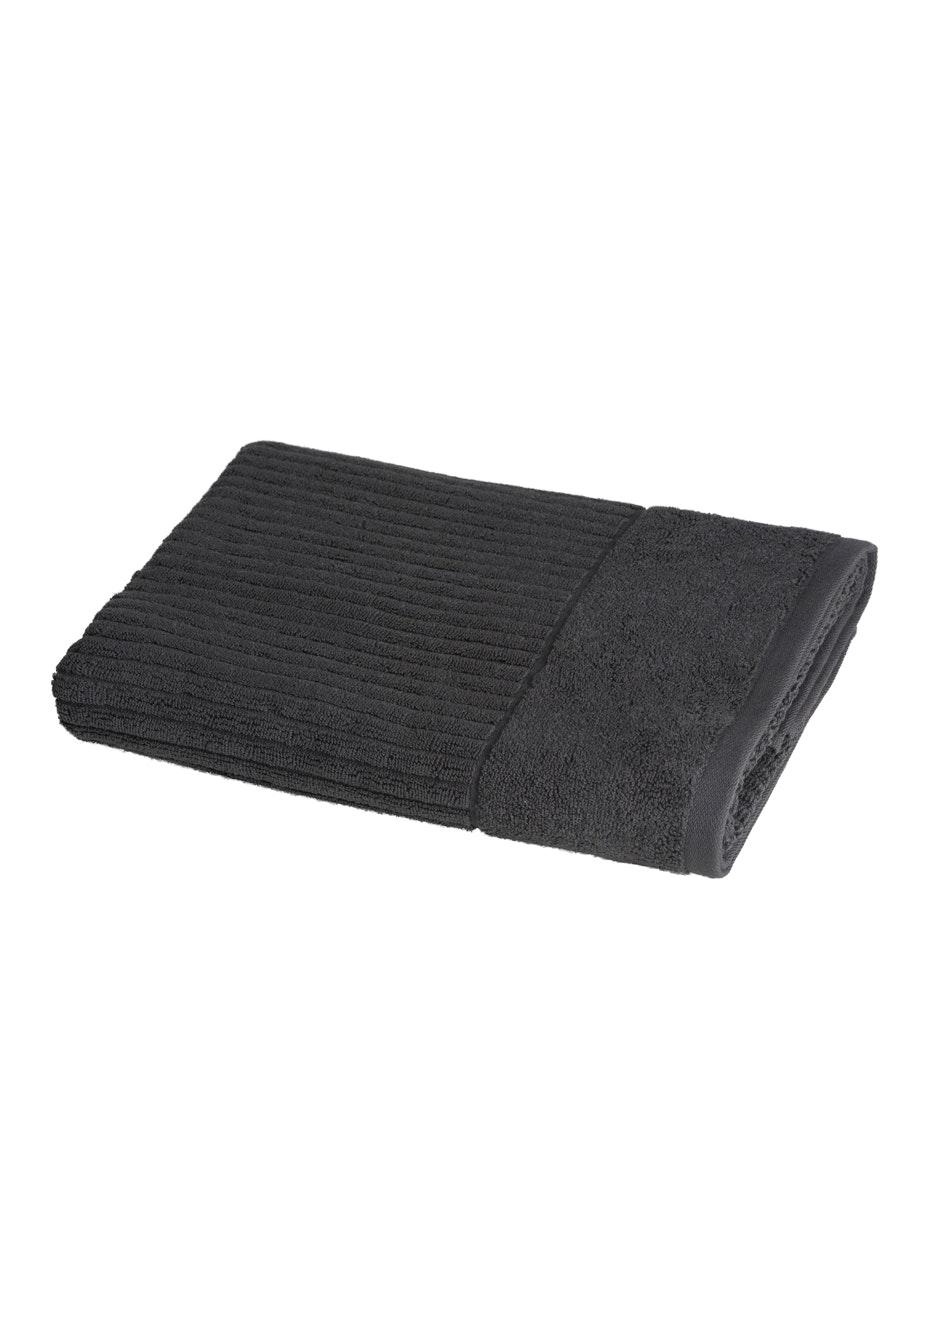 Conran Signature Rib Bath Towel Coal